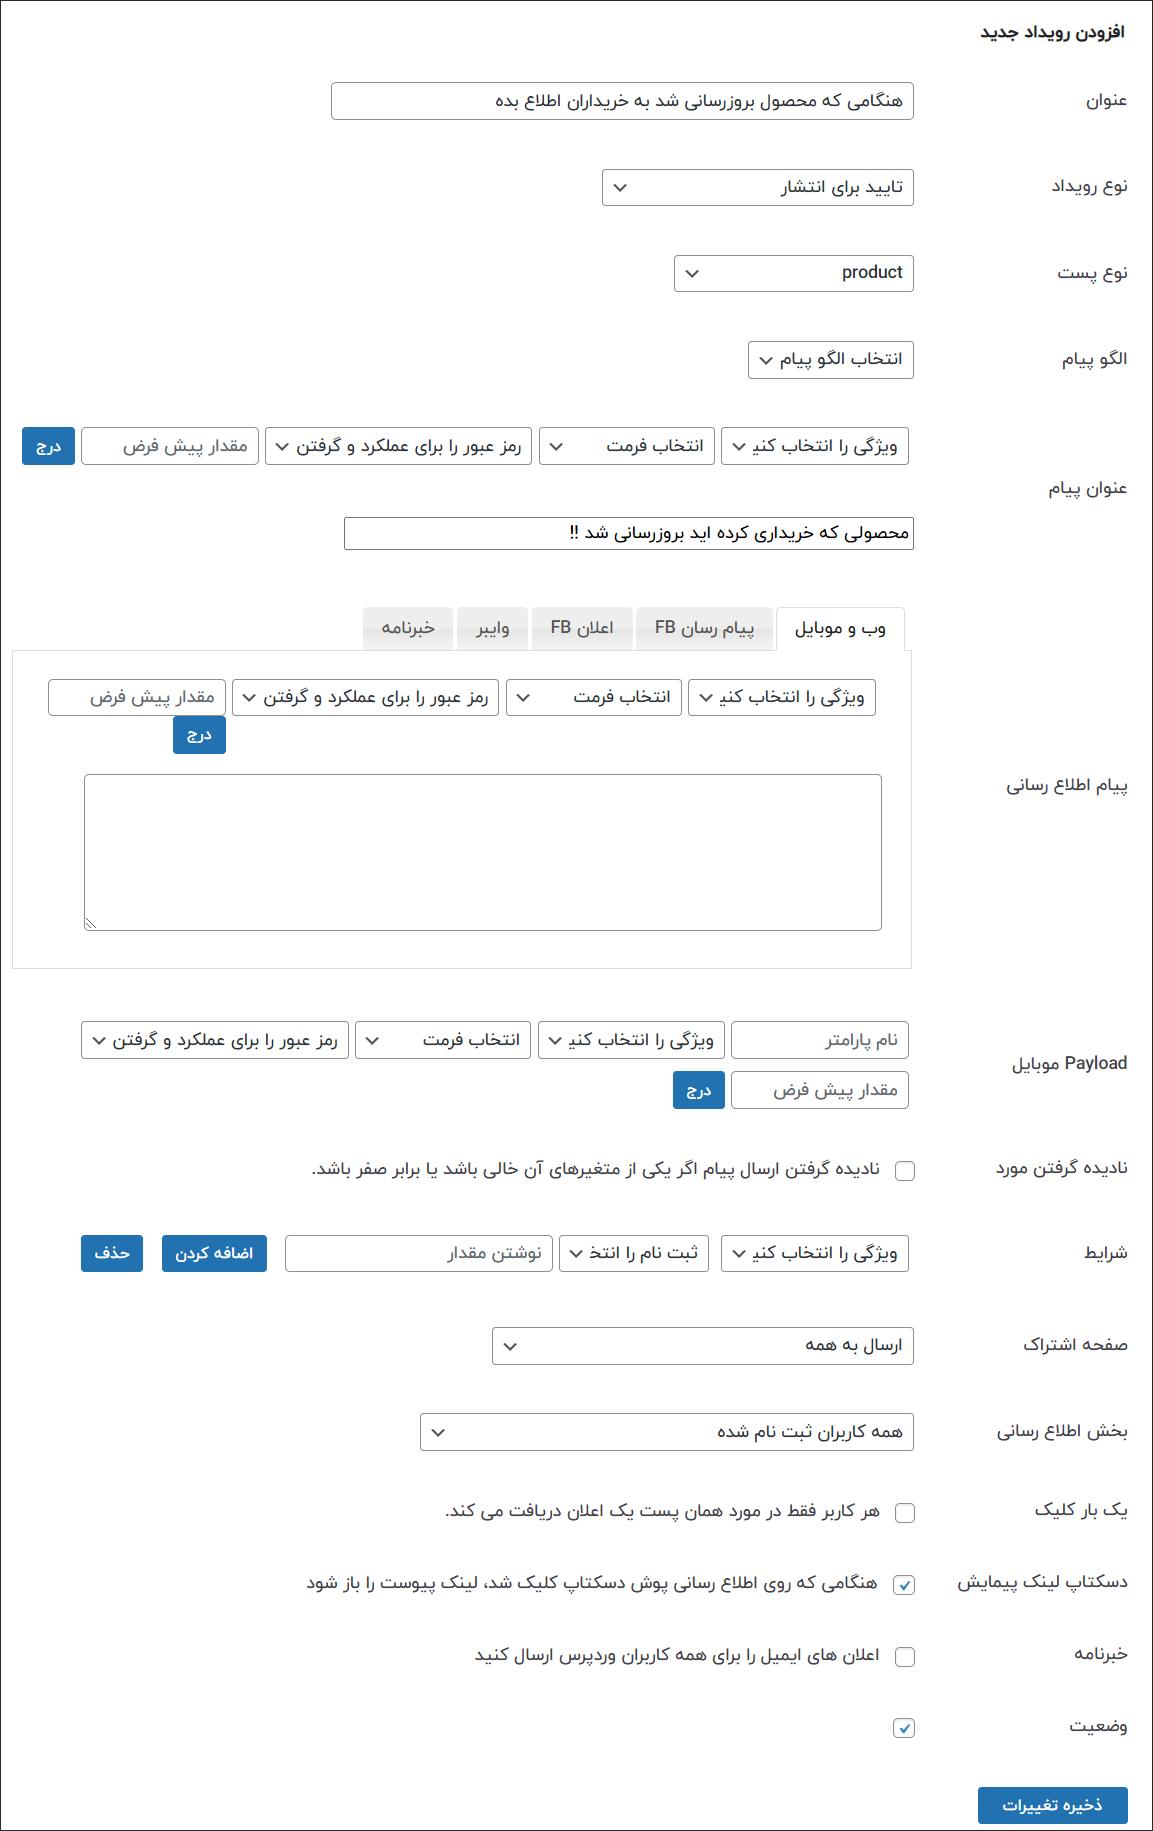 افزودن نوتیفیکیشن در افزونه Smart Notification WordPress